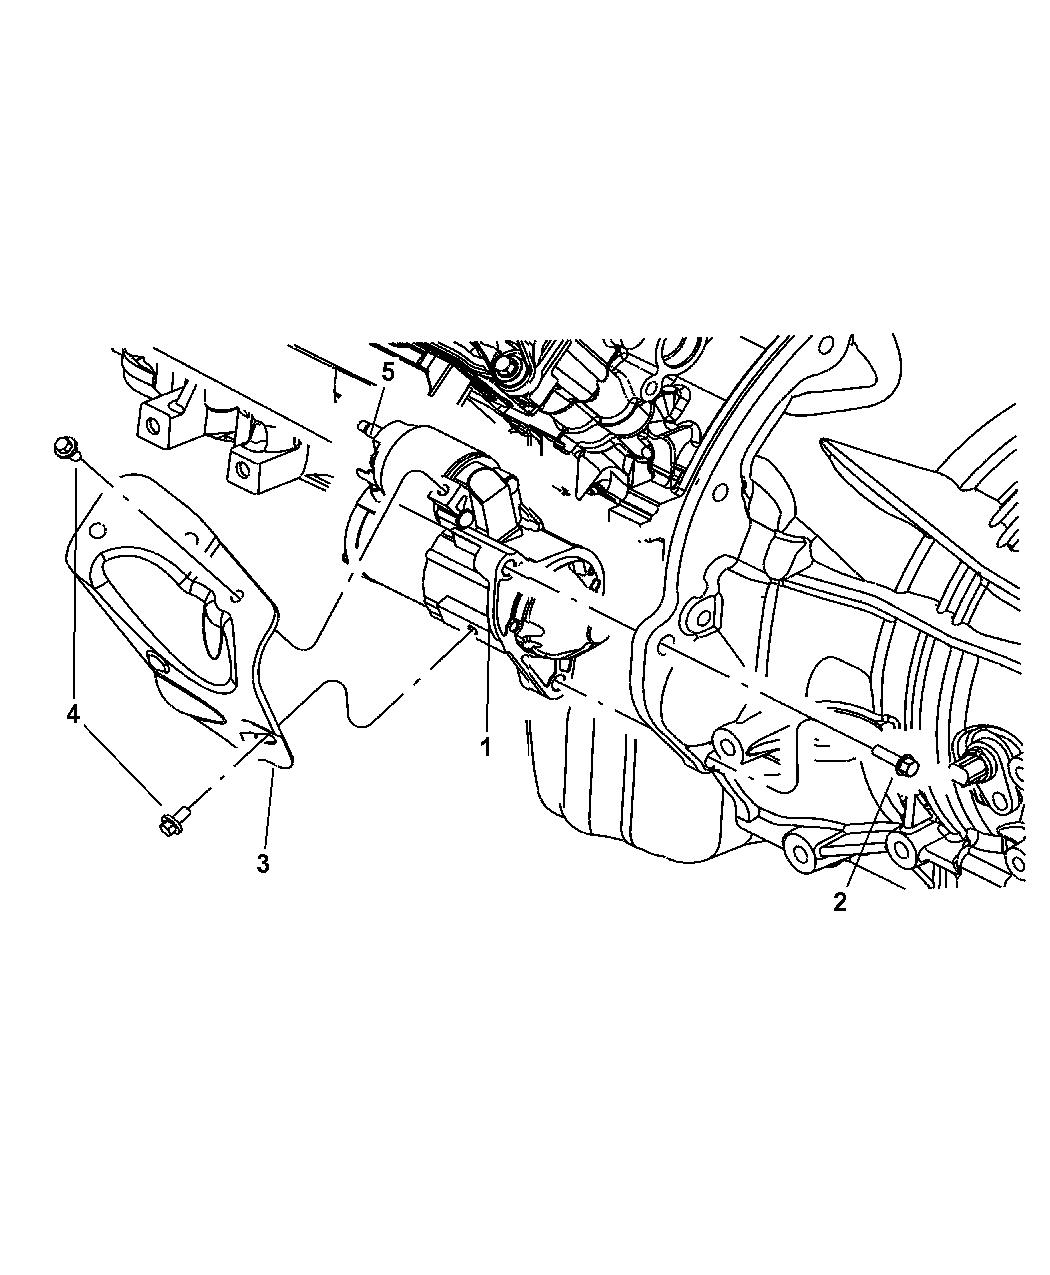 mopar r6044734aa 2001 jeep cherokee parts diagram 2010 jeep grand cherokee engine diagram #10